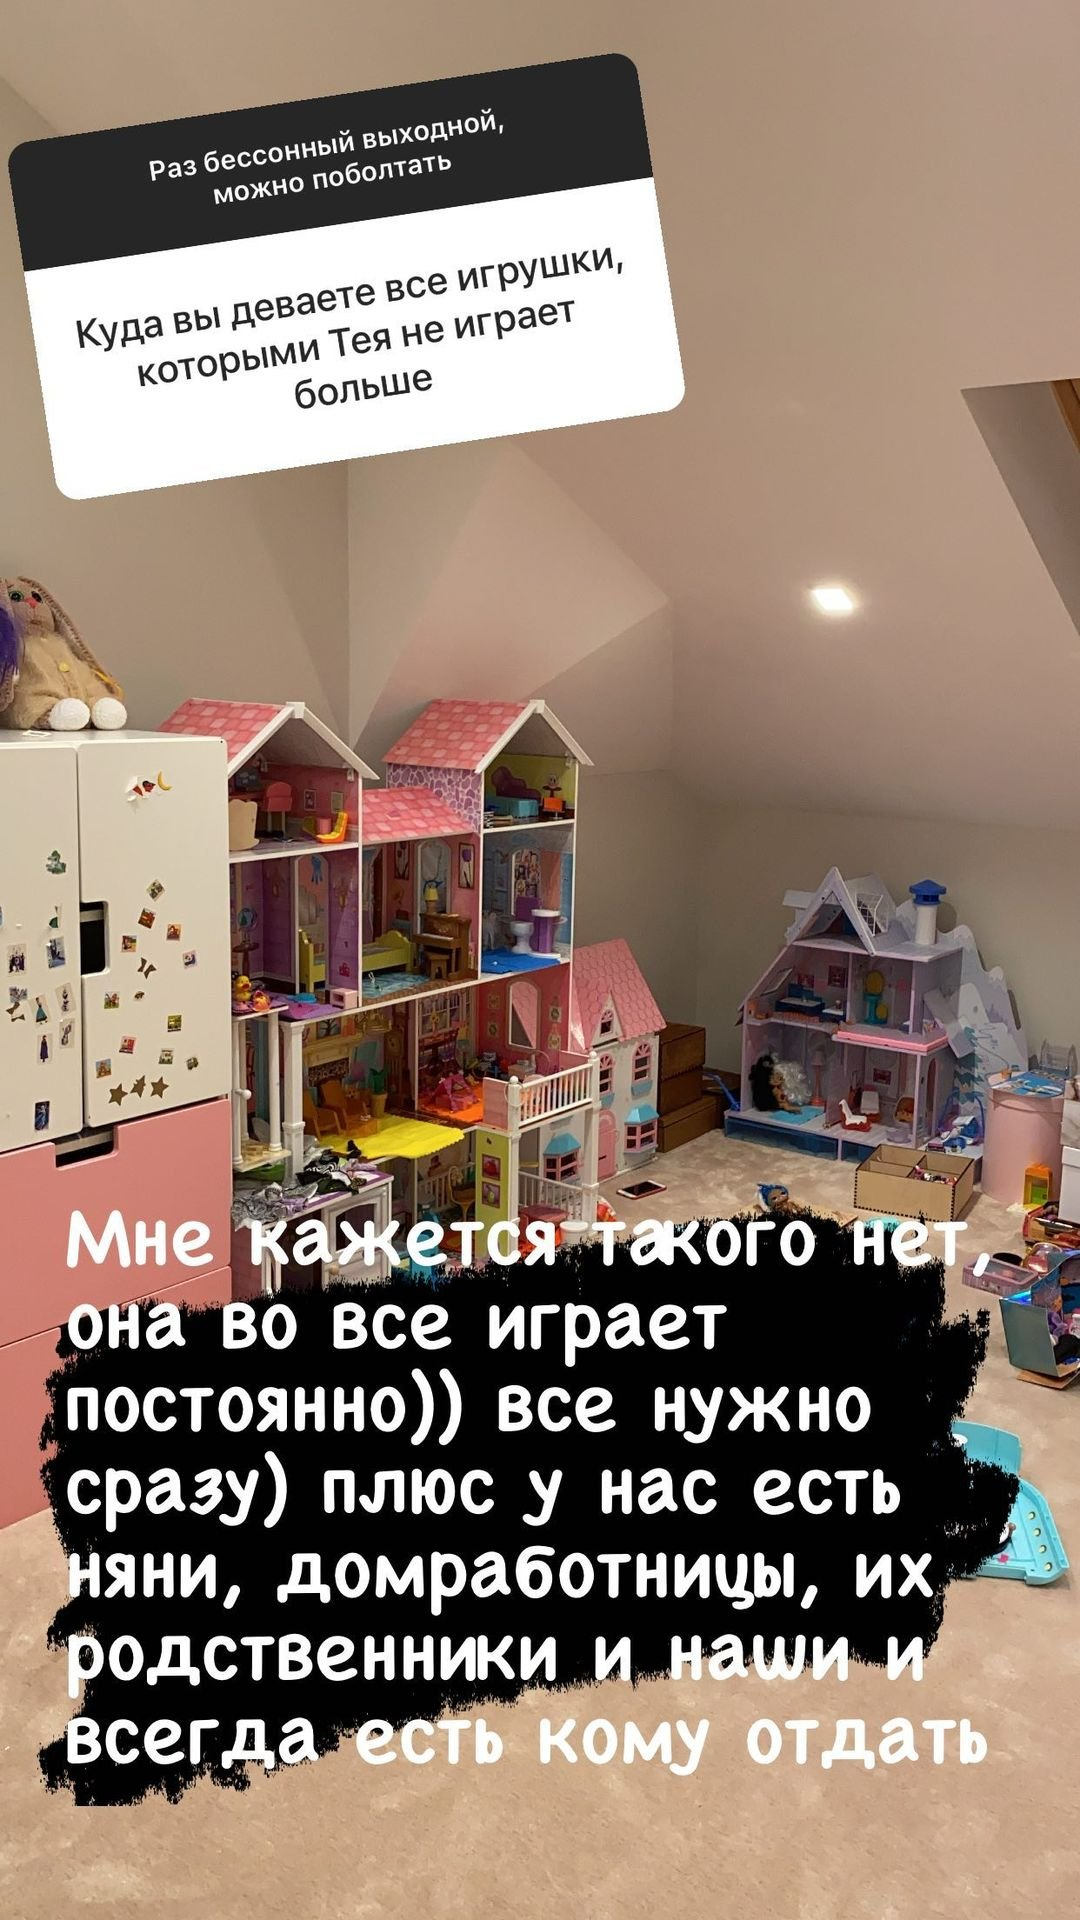 Ксения Бородина раздает домработницам вещи своих детей